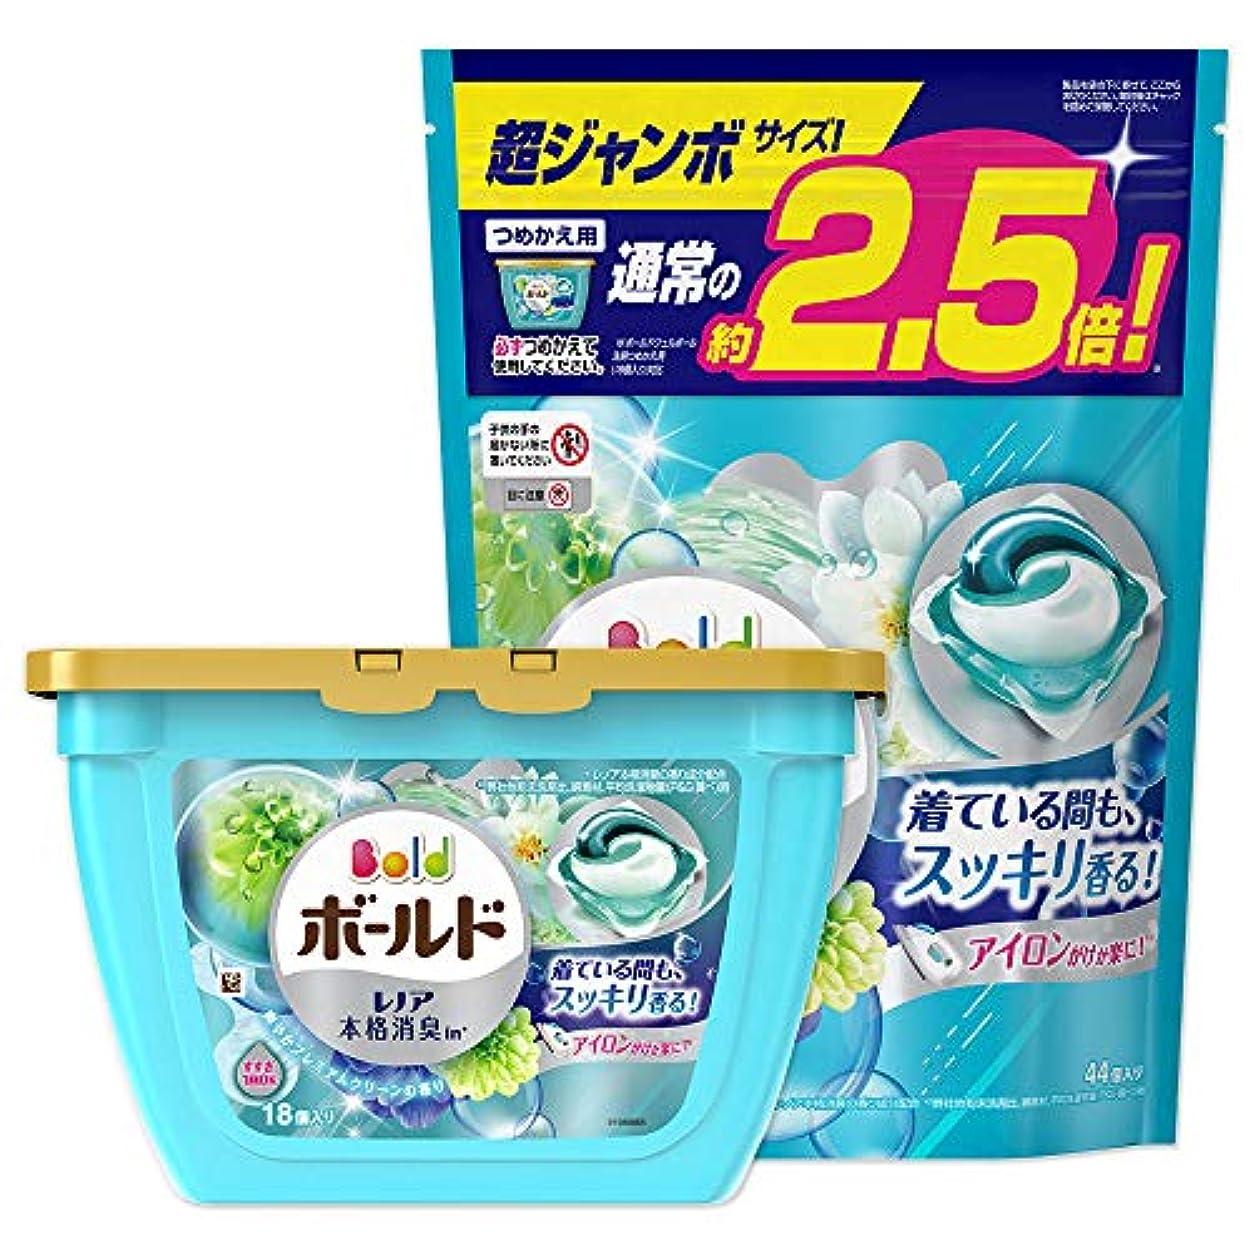 アレキサンダーグラハムベル批評風景【まとめ買い】 ボールド 洗濯洗剤 ジェルボール3D 爽やかプレミアムクリーンの香り 本体 18個入 + 詰め替え 超ジャンボ 44個入